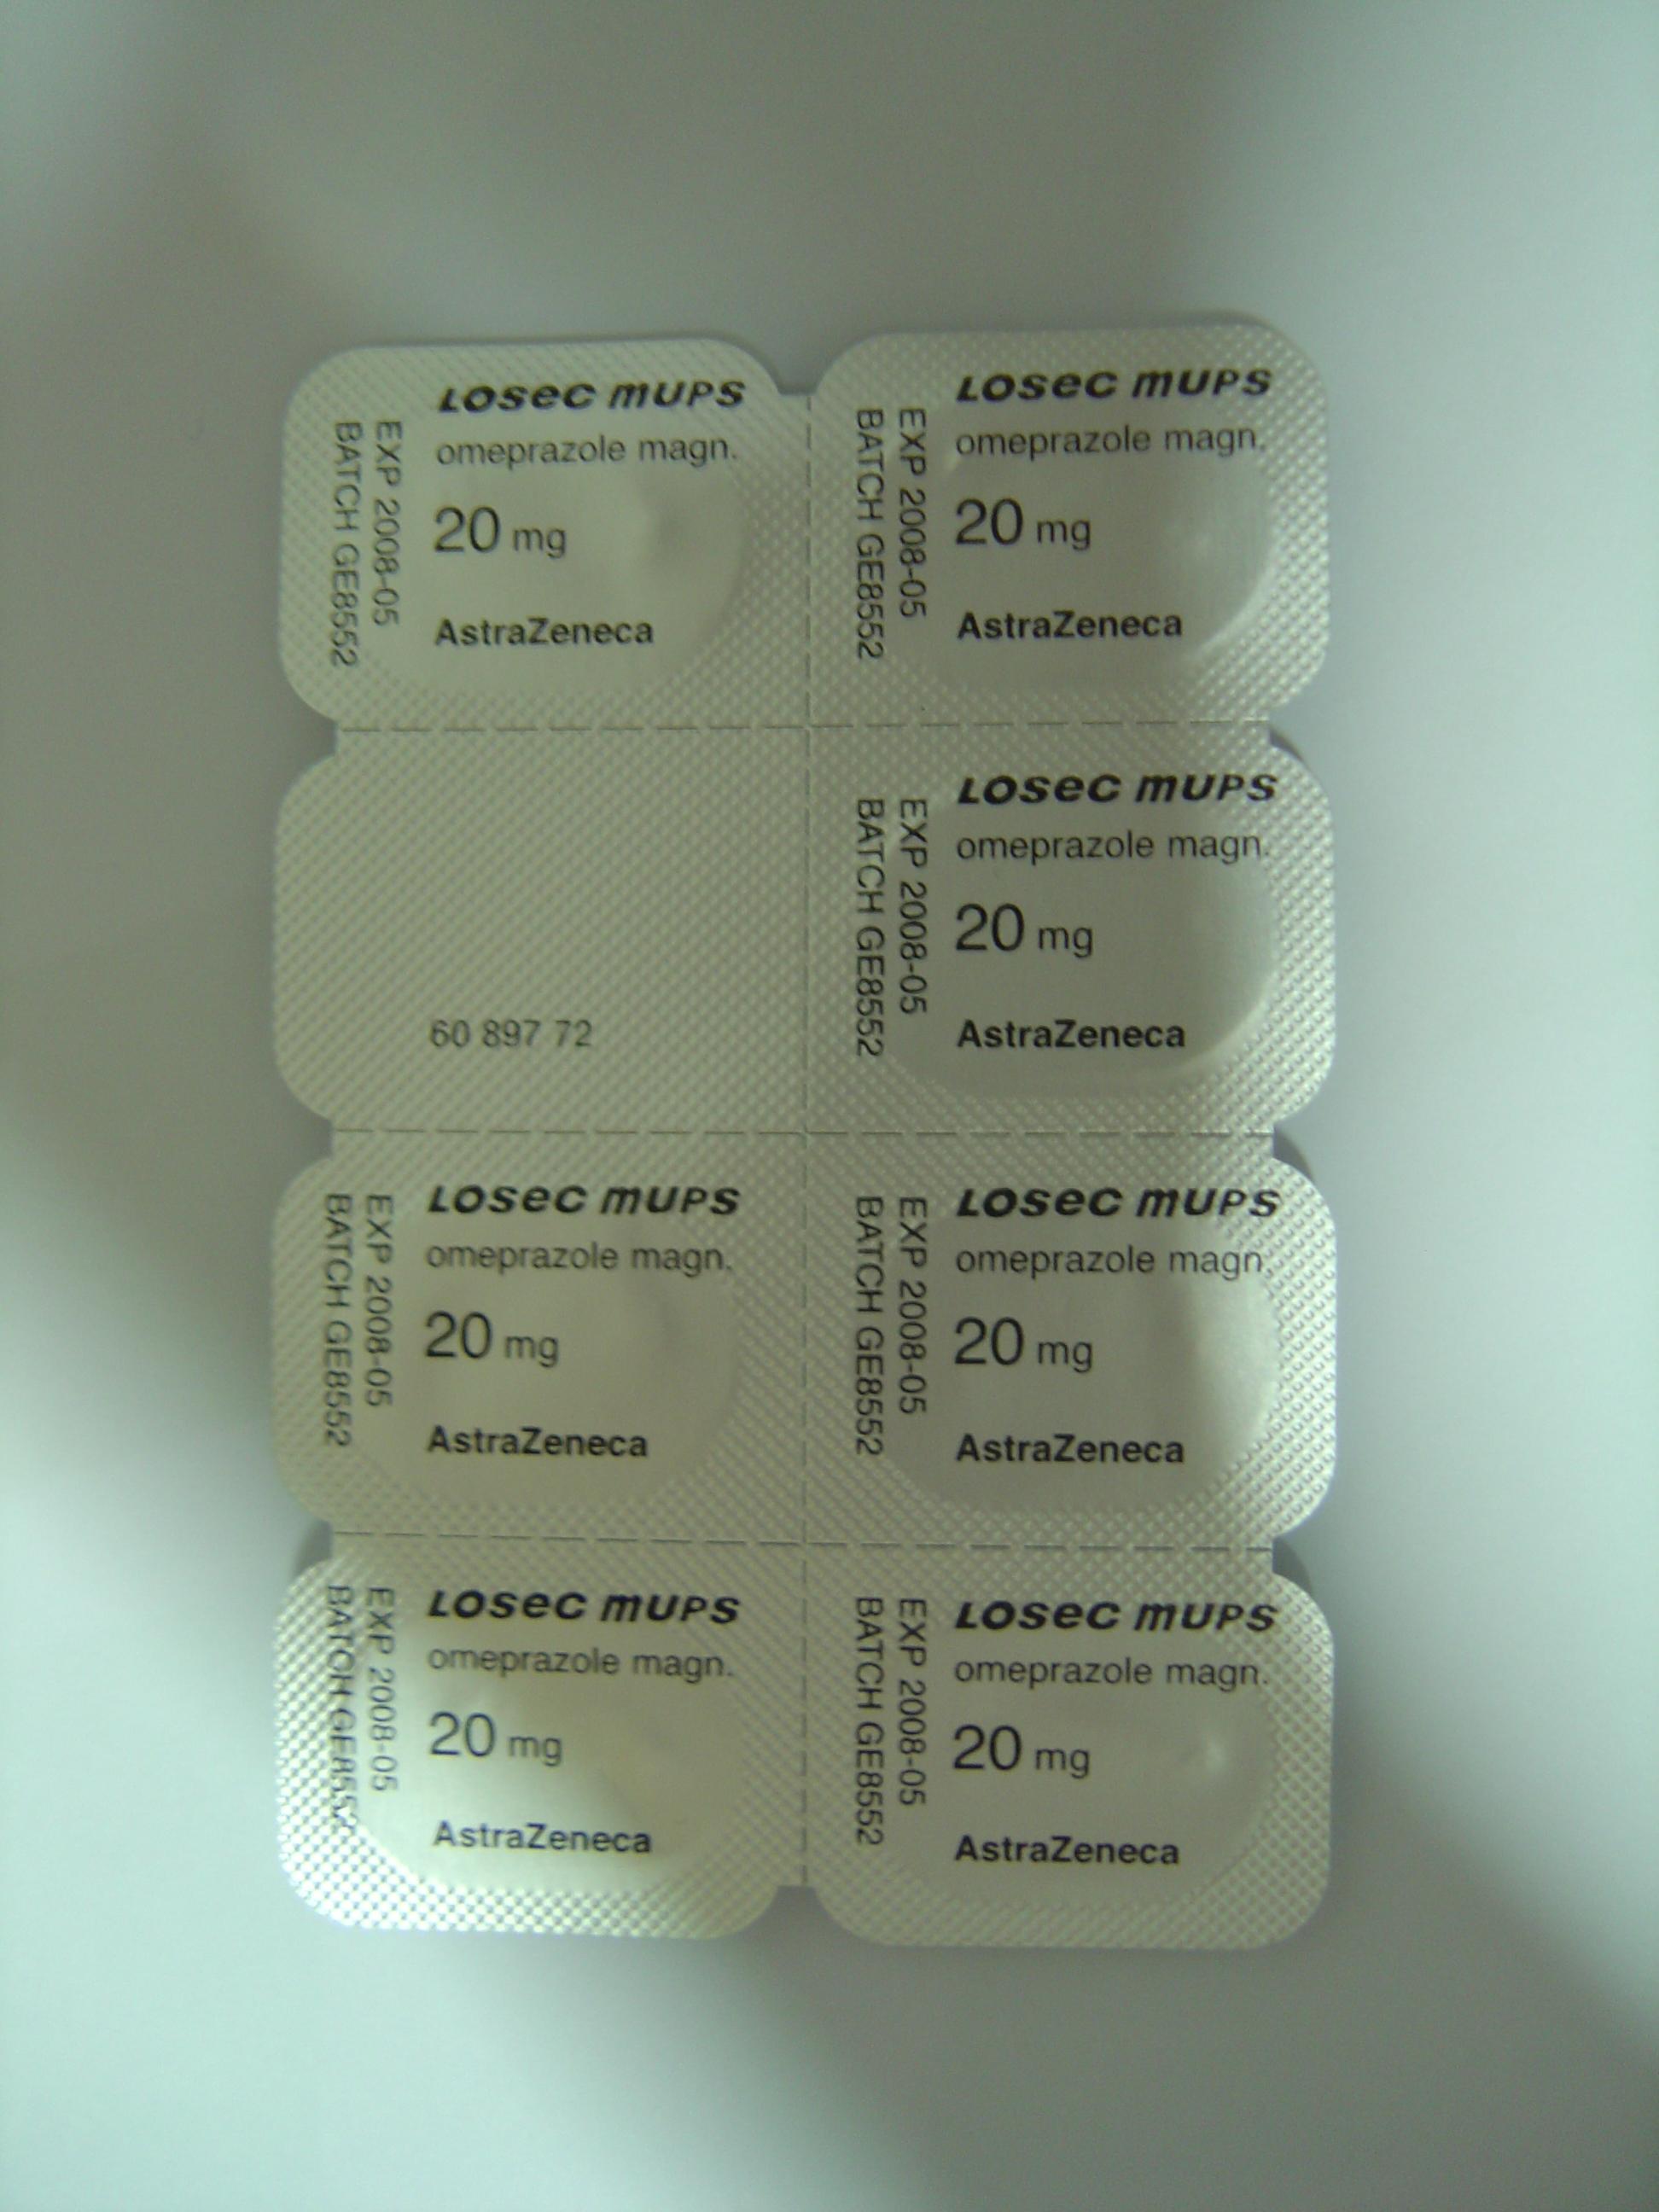 ciprofloxacin 500 mg twice daily